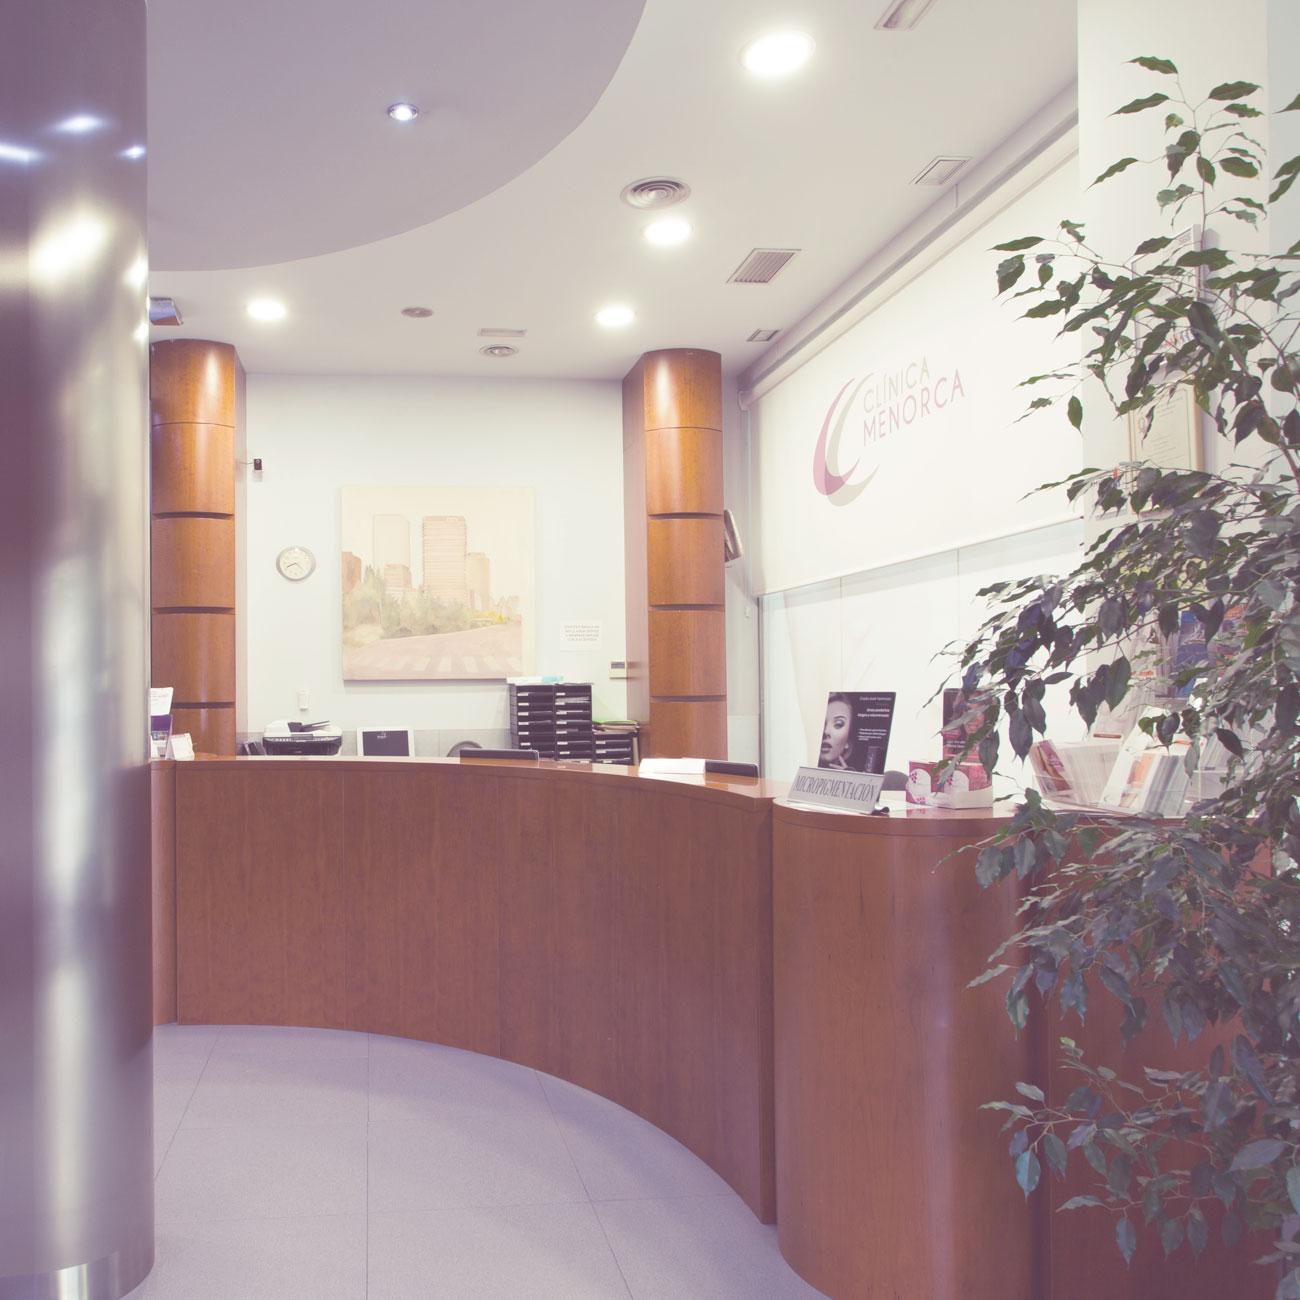 Instalaciones de Clínica Menorca en Madrid